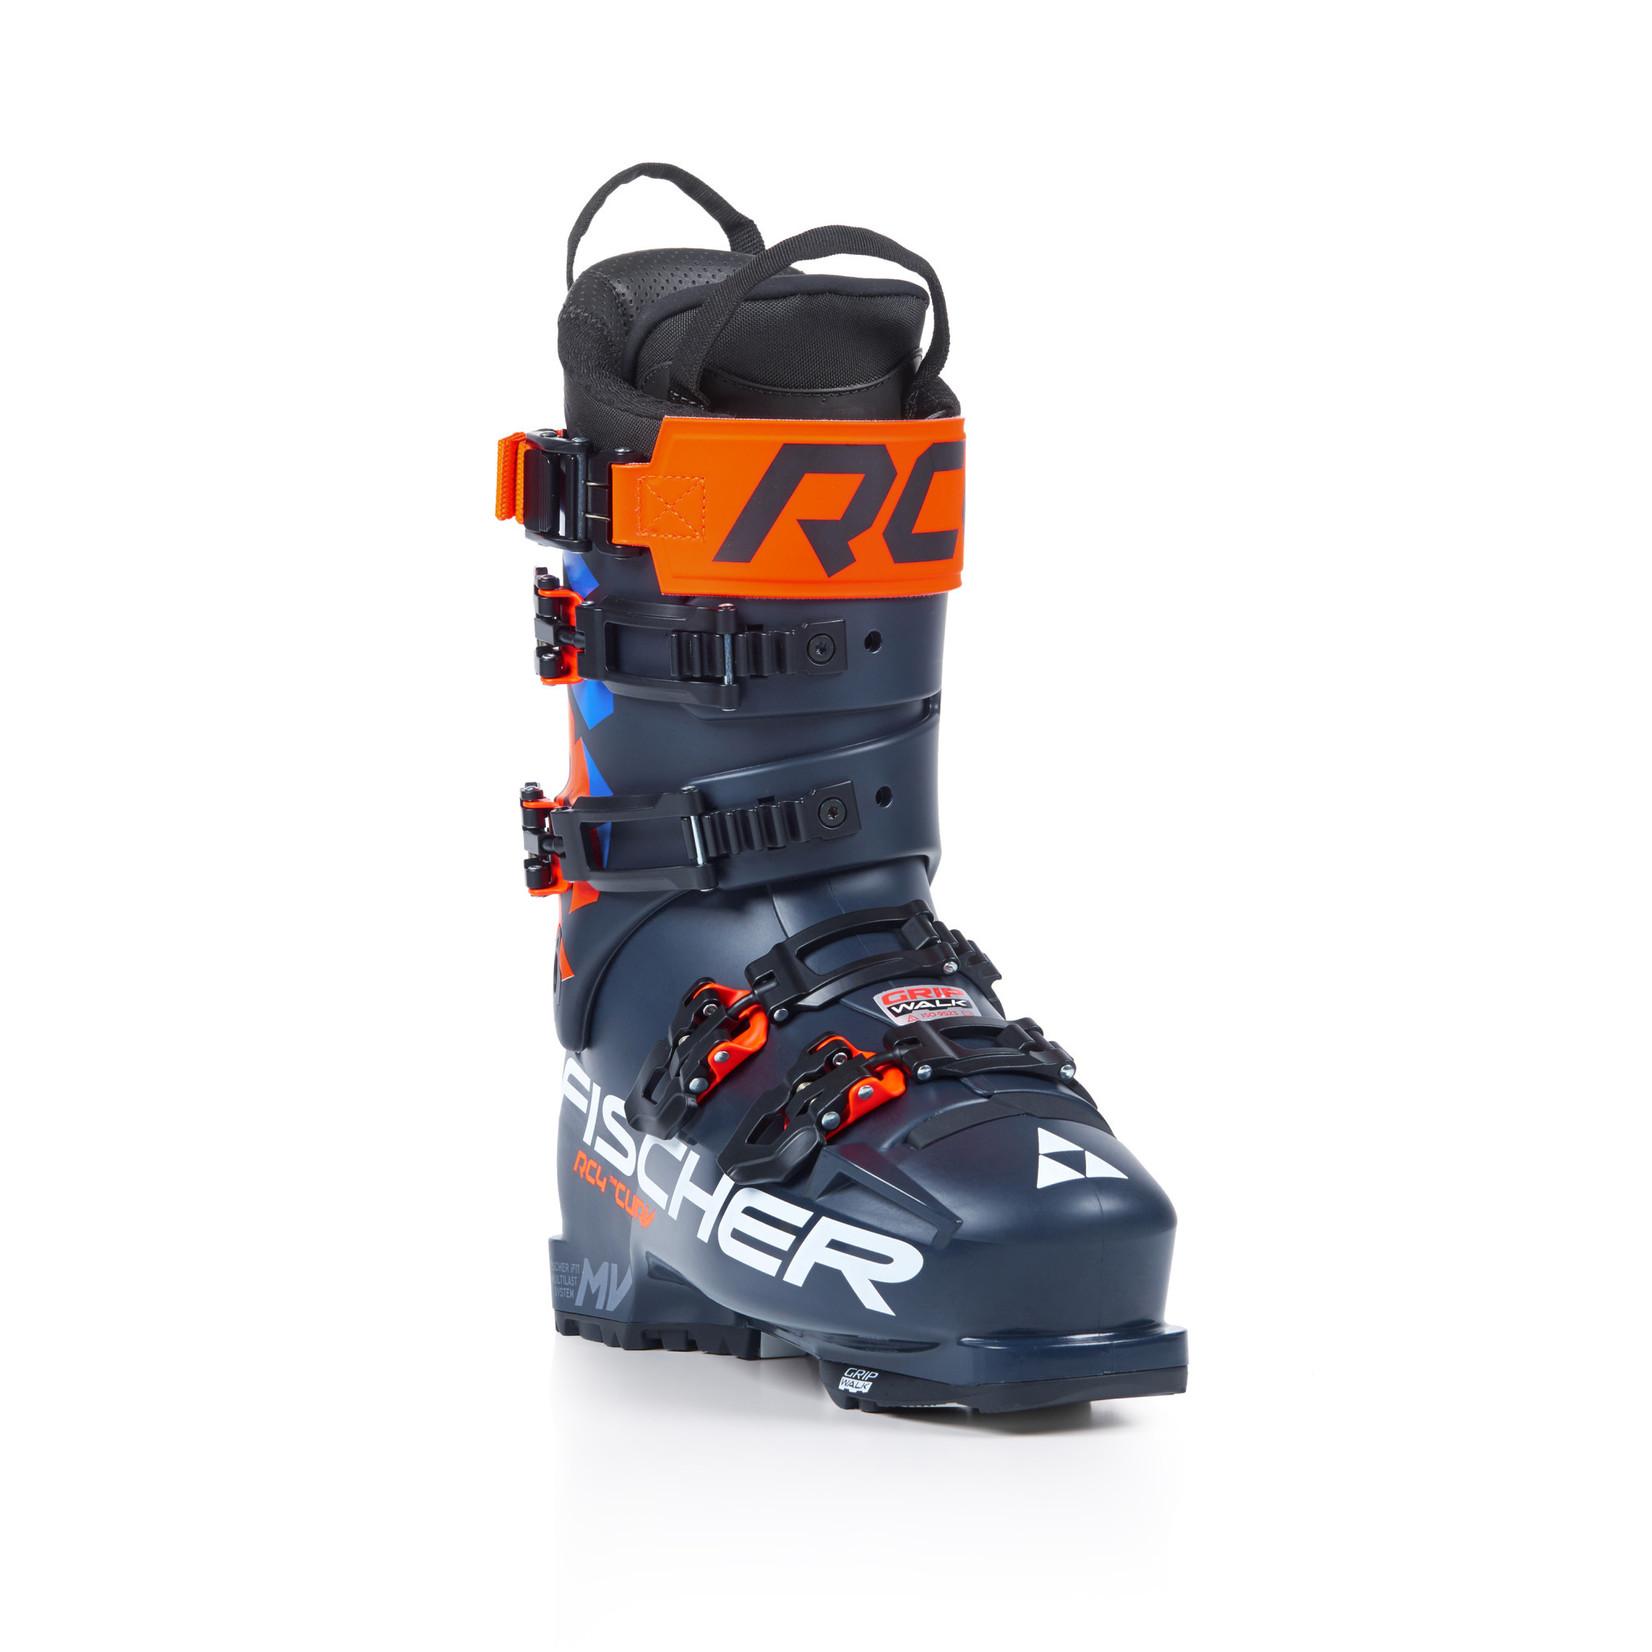 Fischer RC4 The Curve 130 Vacuum Ski Boot